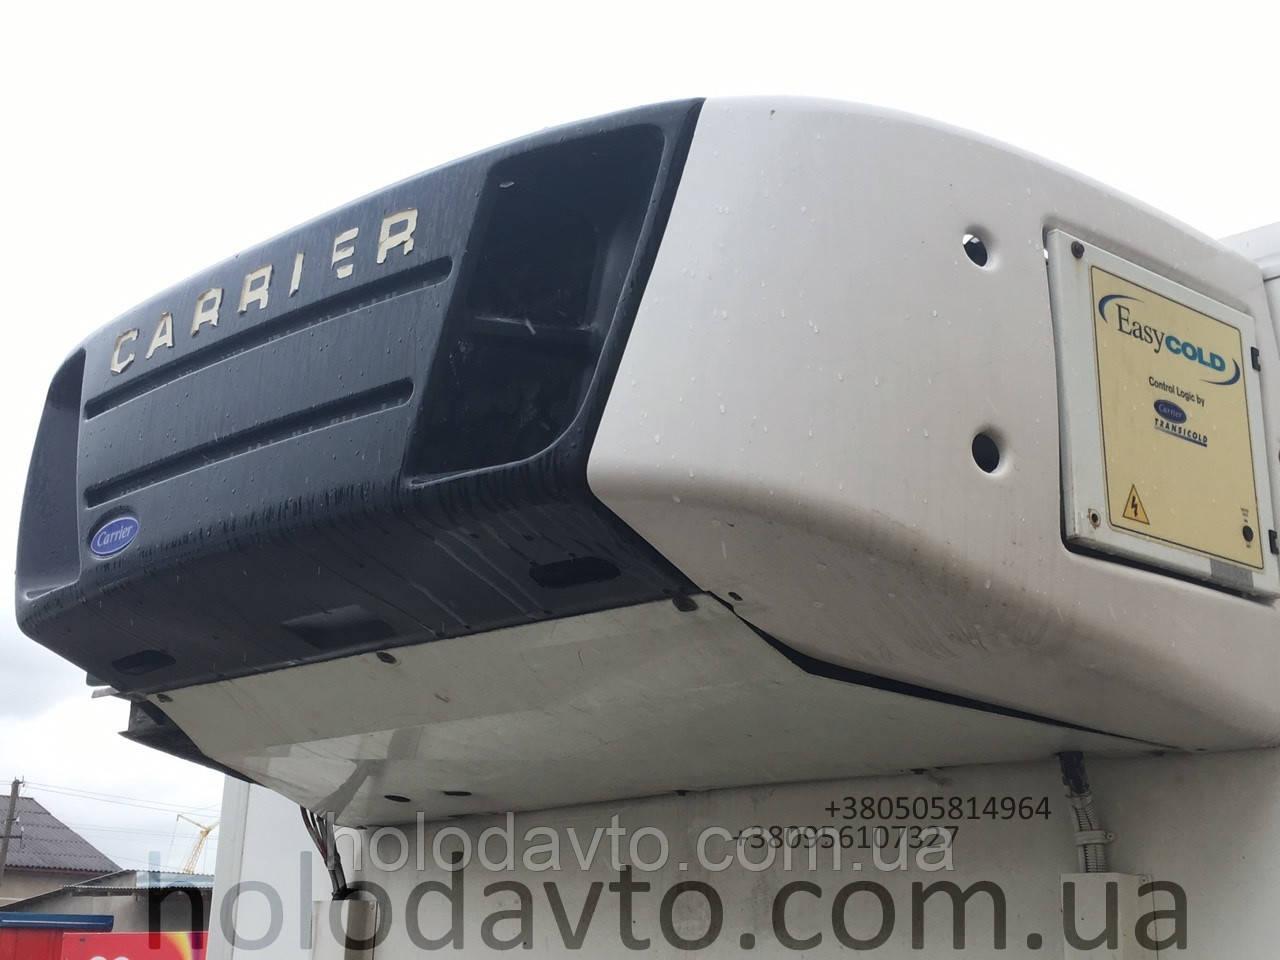 Холодильная установка Carrier Supra 850 - Транспортное Холодильное Оборудование - holodavto.com.ua в Черновцах